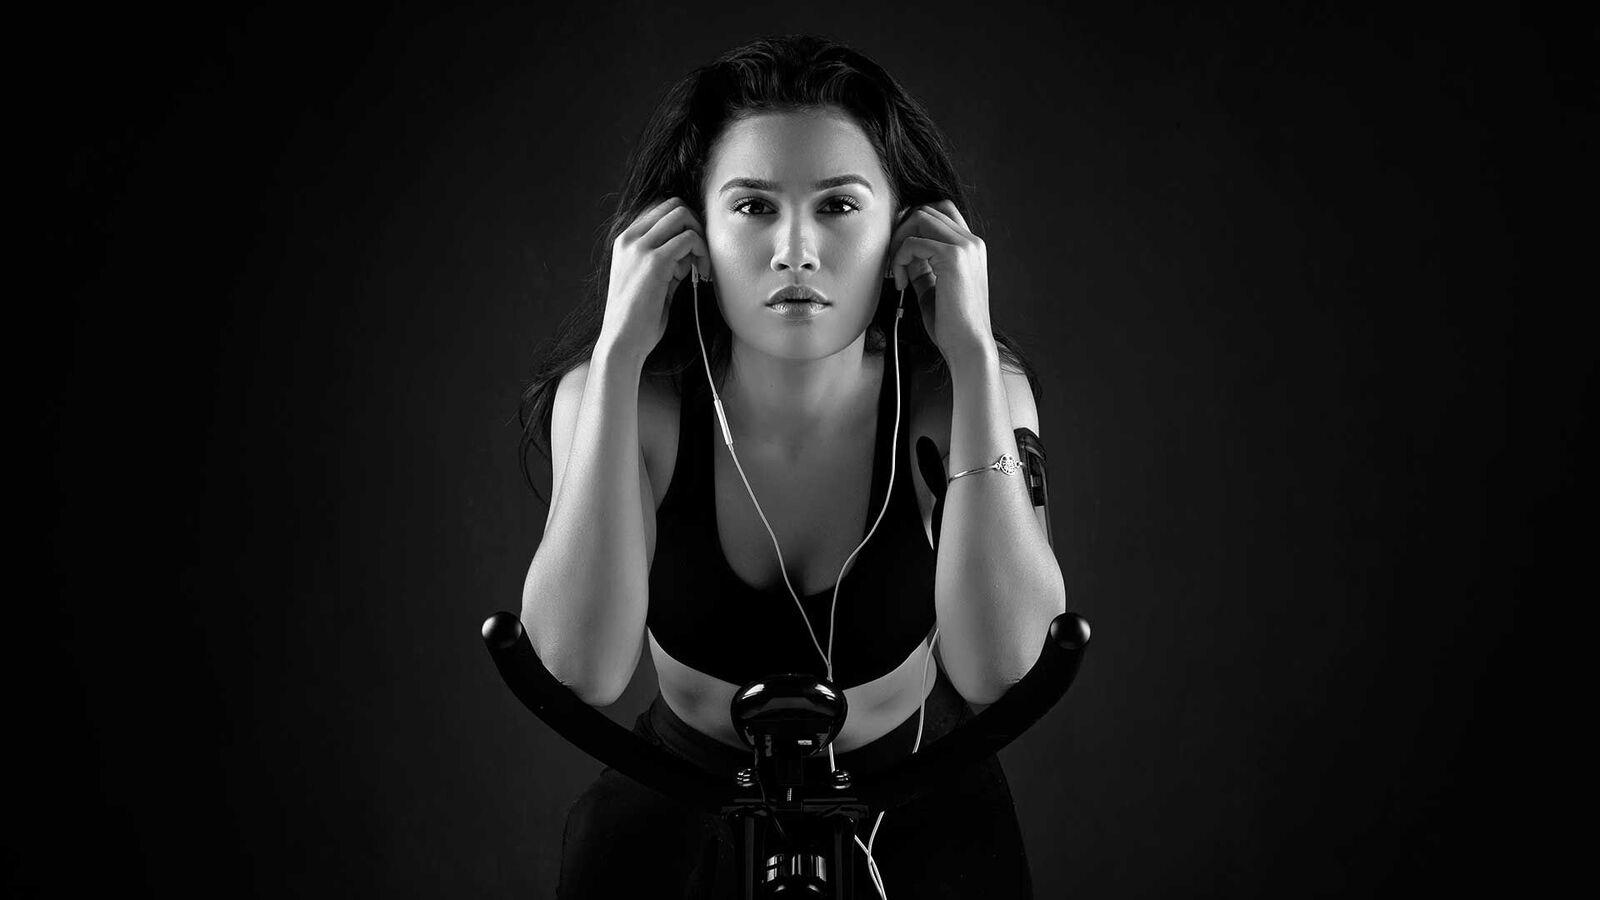 Andrew Thurtell photographer